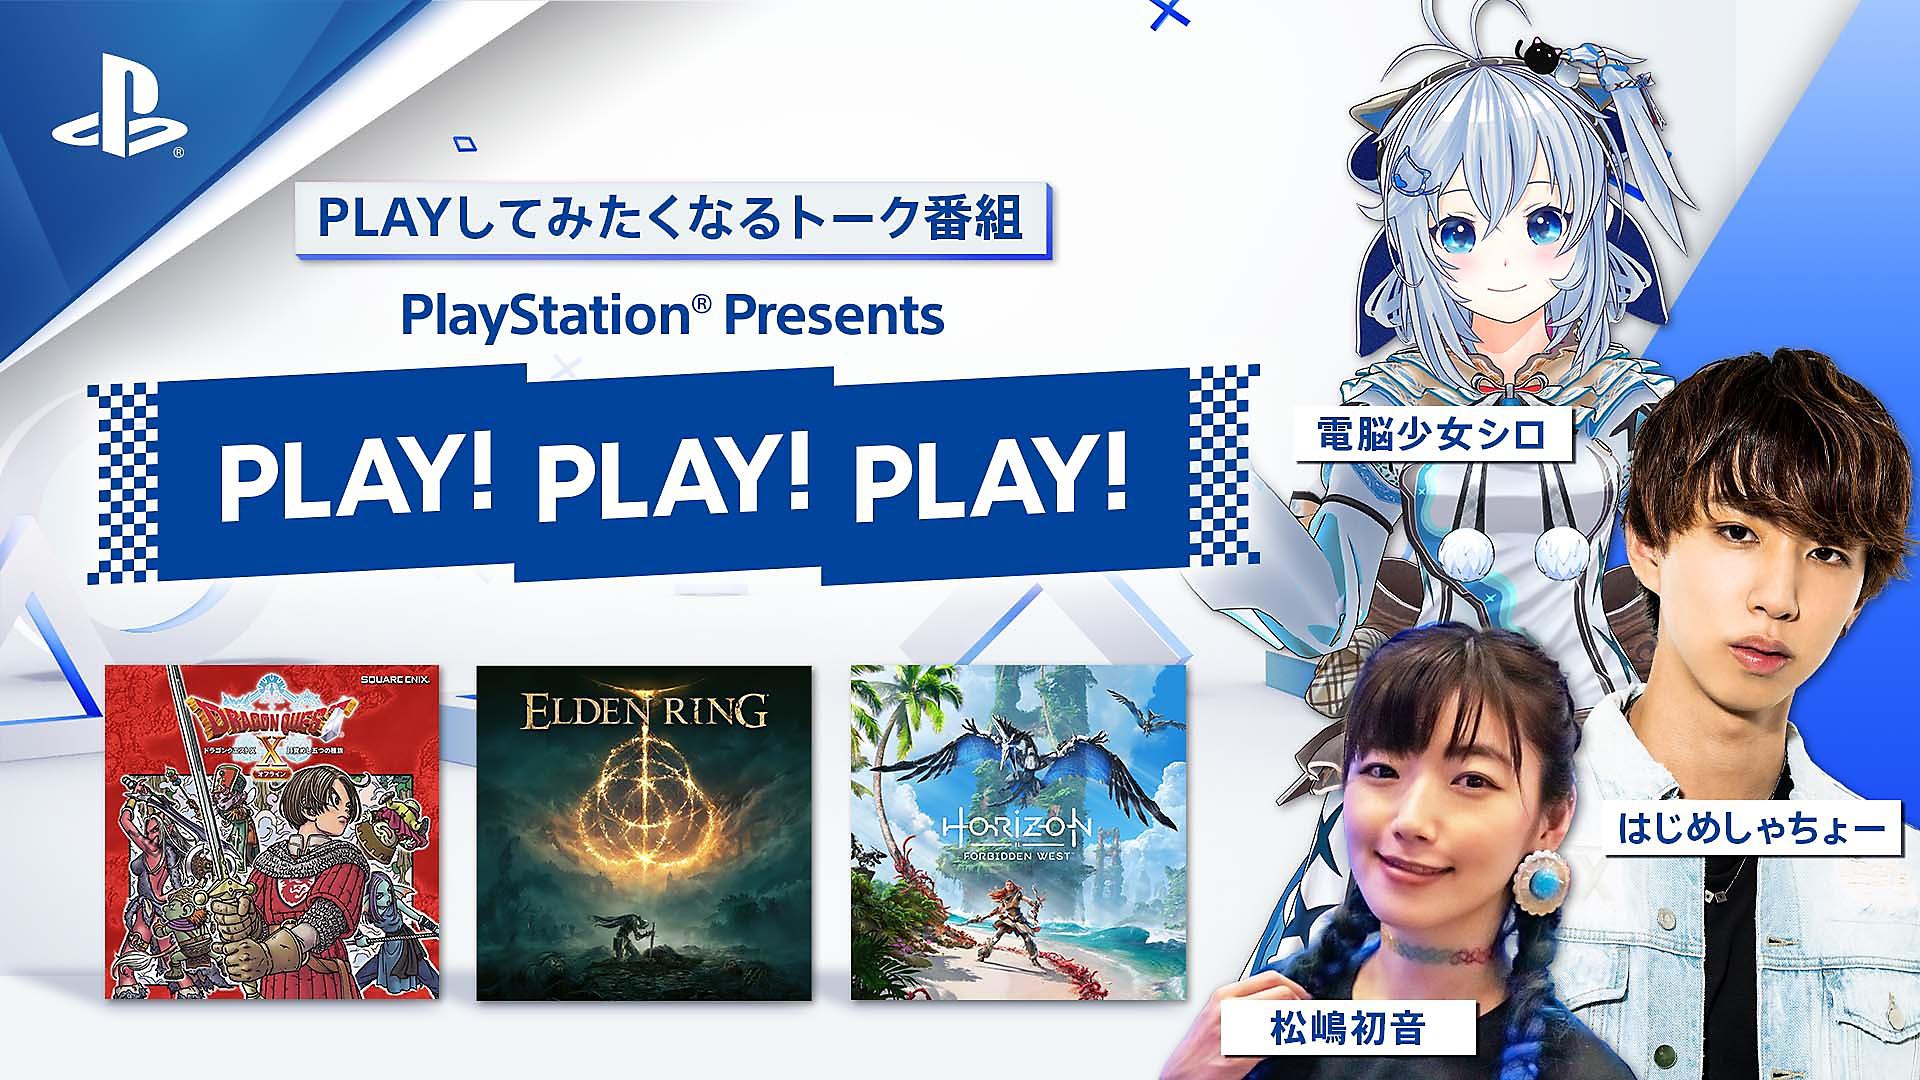 思わずPLAYしたくなるトーク番組「PLAY! PLAY! PLAY!」